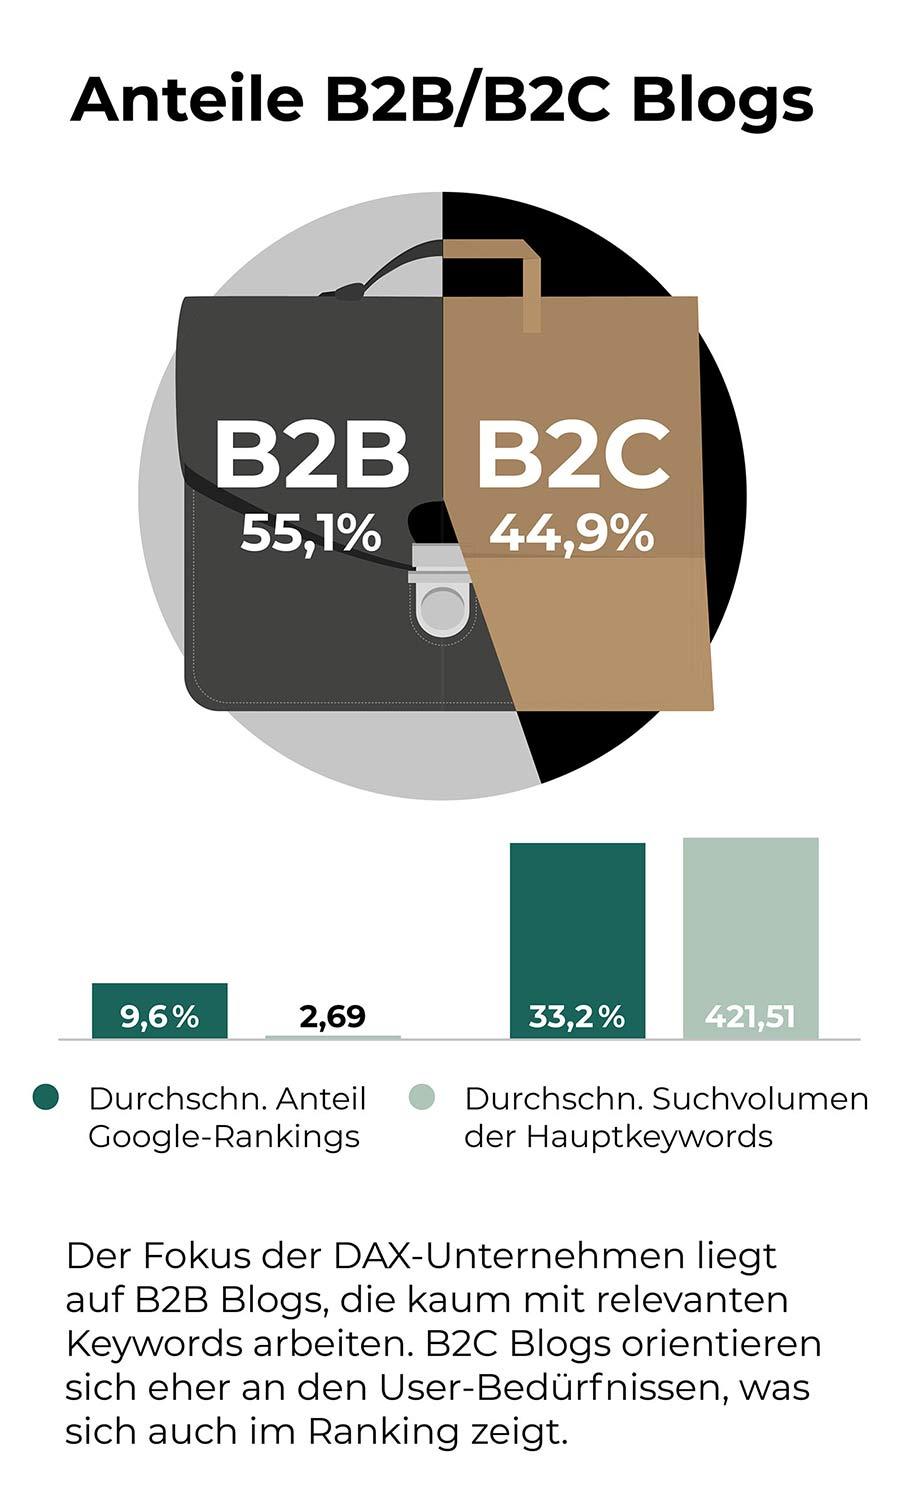 Wird Content Marketing im B2B oder B2C Bereich genutzt